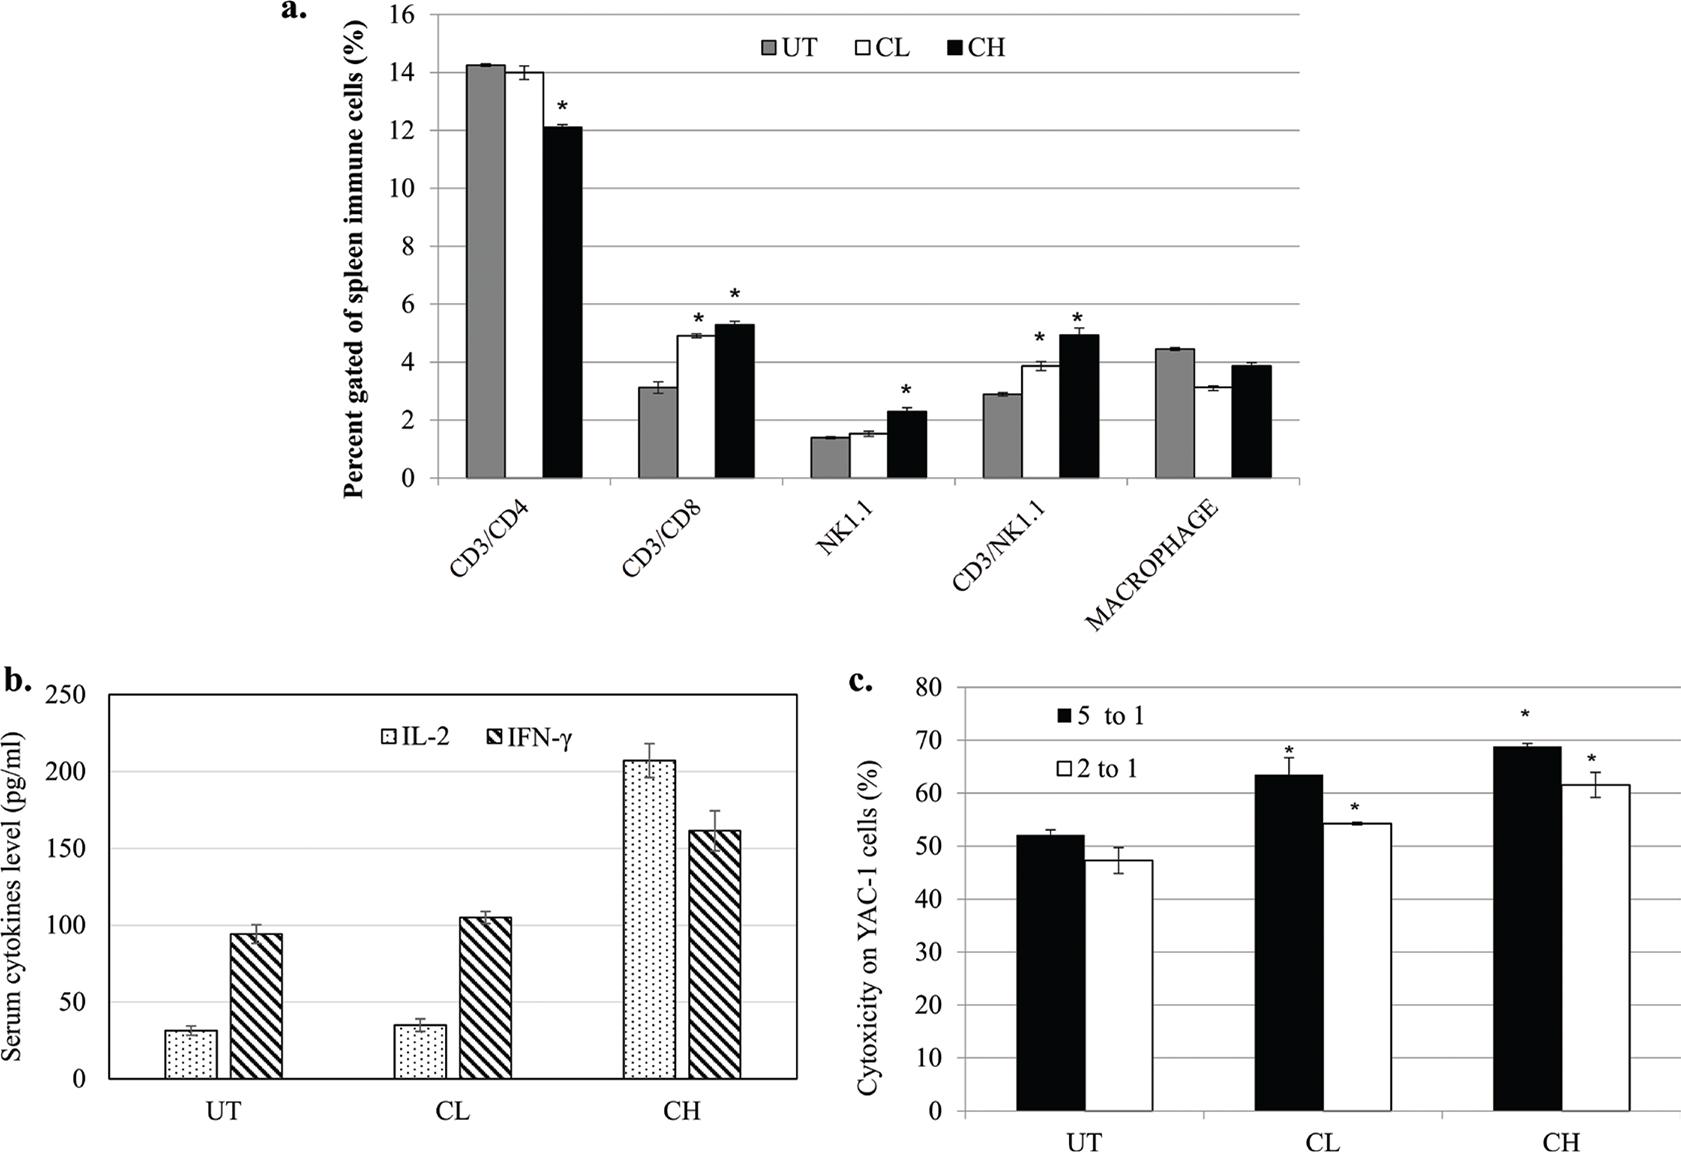 View of <em>In vitro</em> and <em>in vivo</em> antitumour